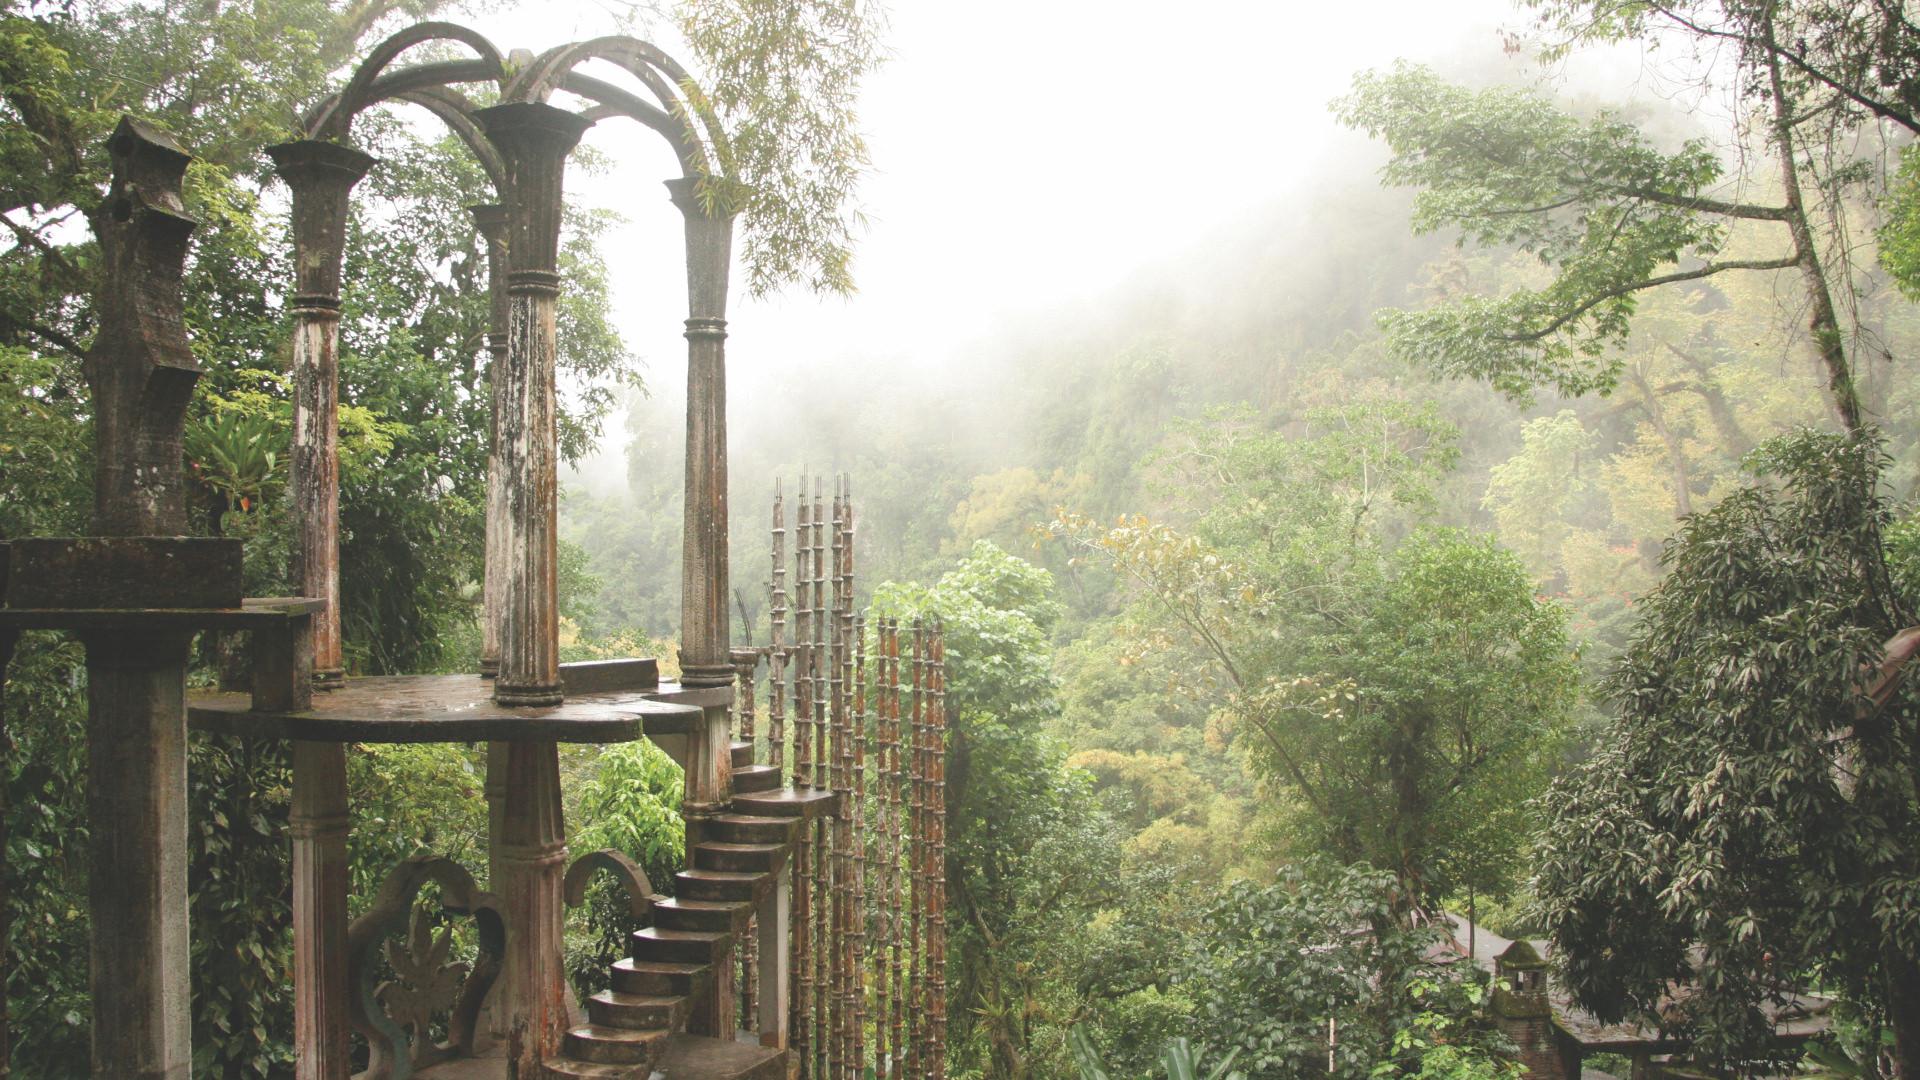 Yağmur Ormanlarının Ortasında Sürrealist Heykel Bahçesi: Las Pozas, Meksika